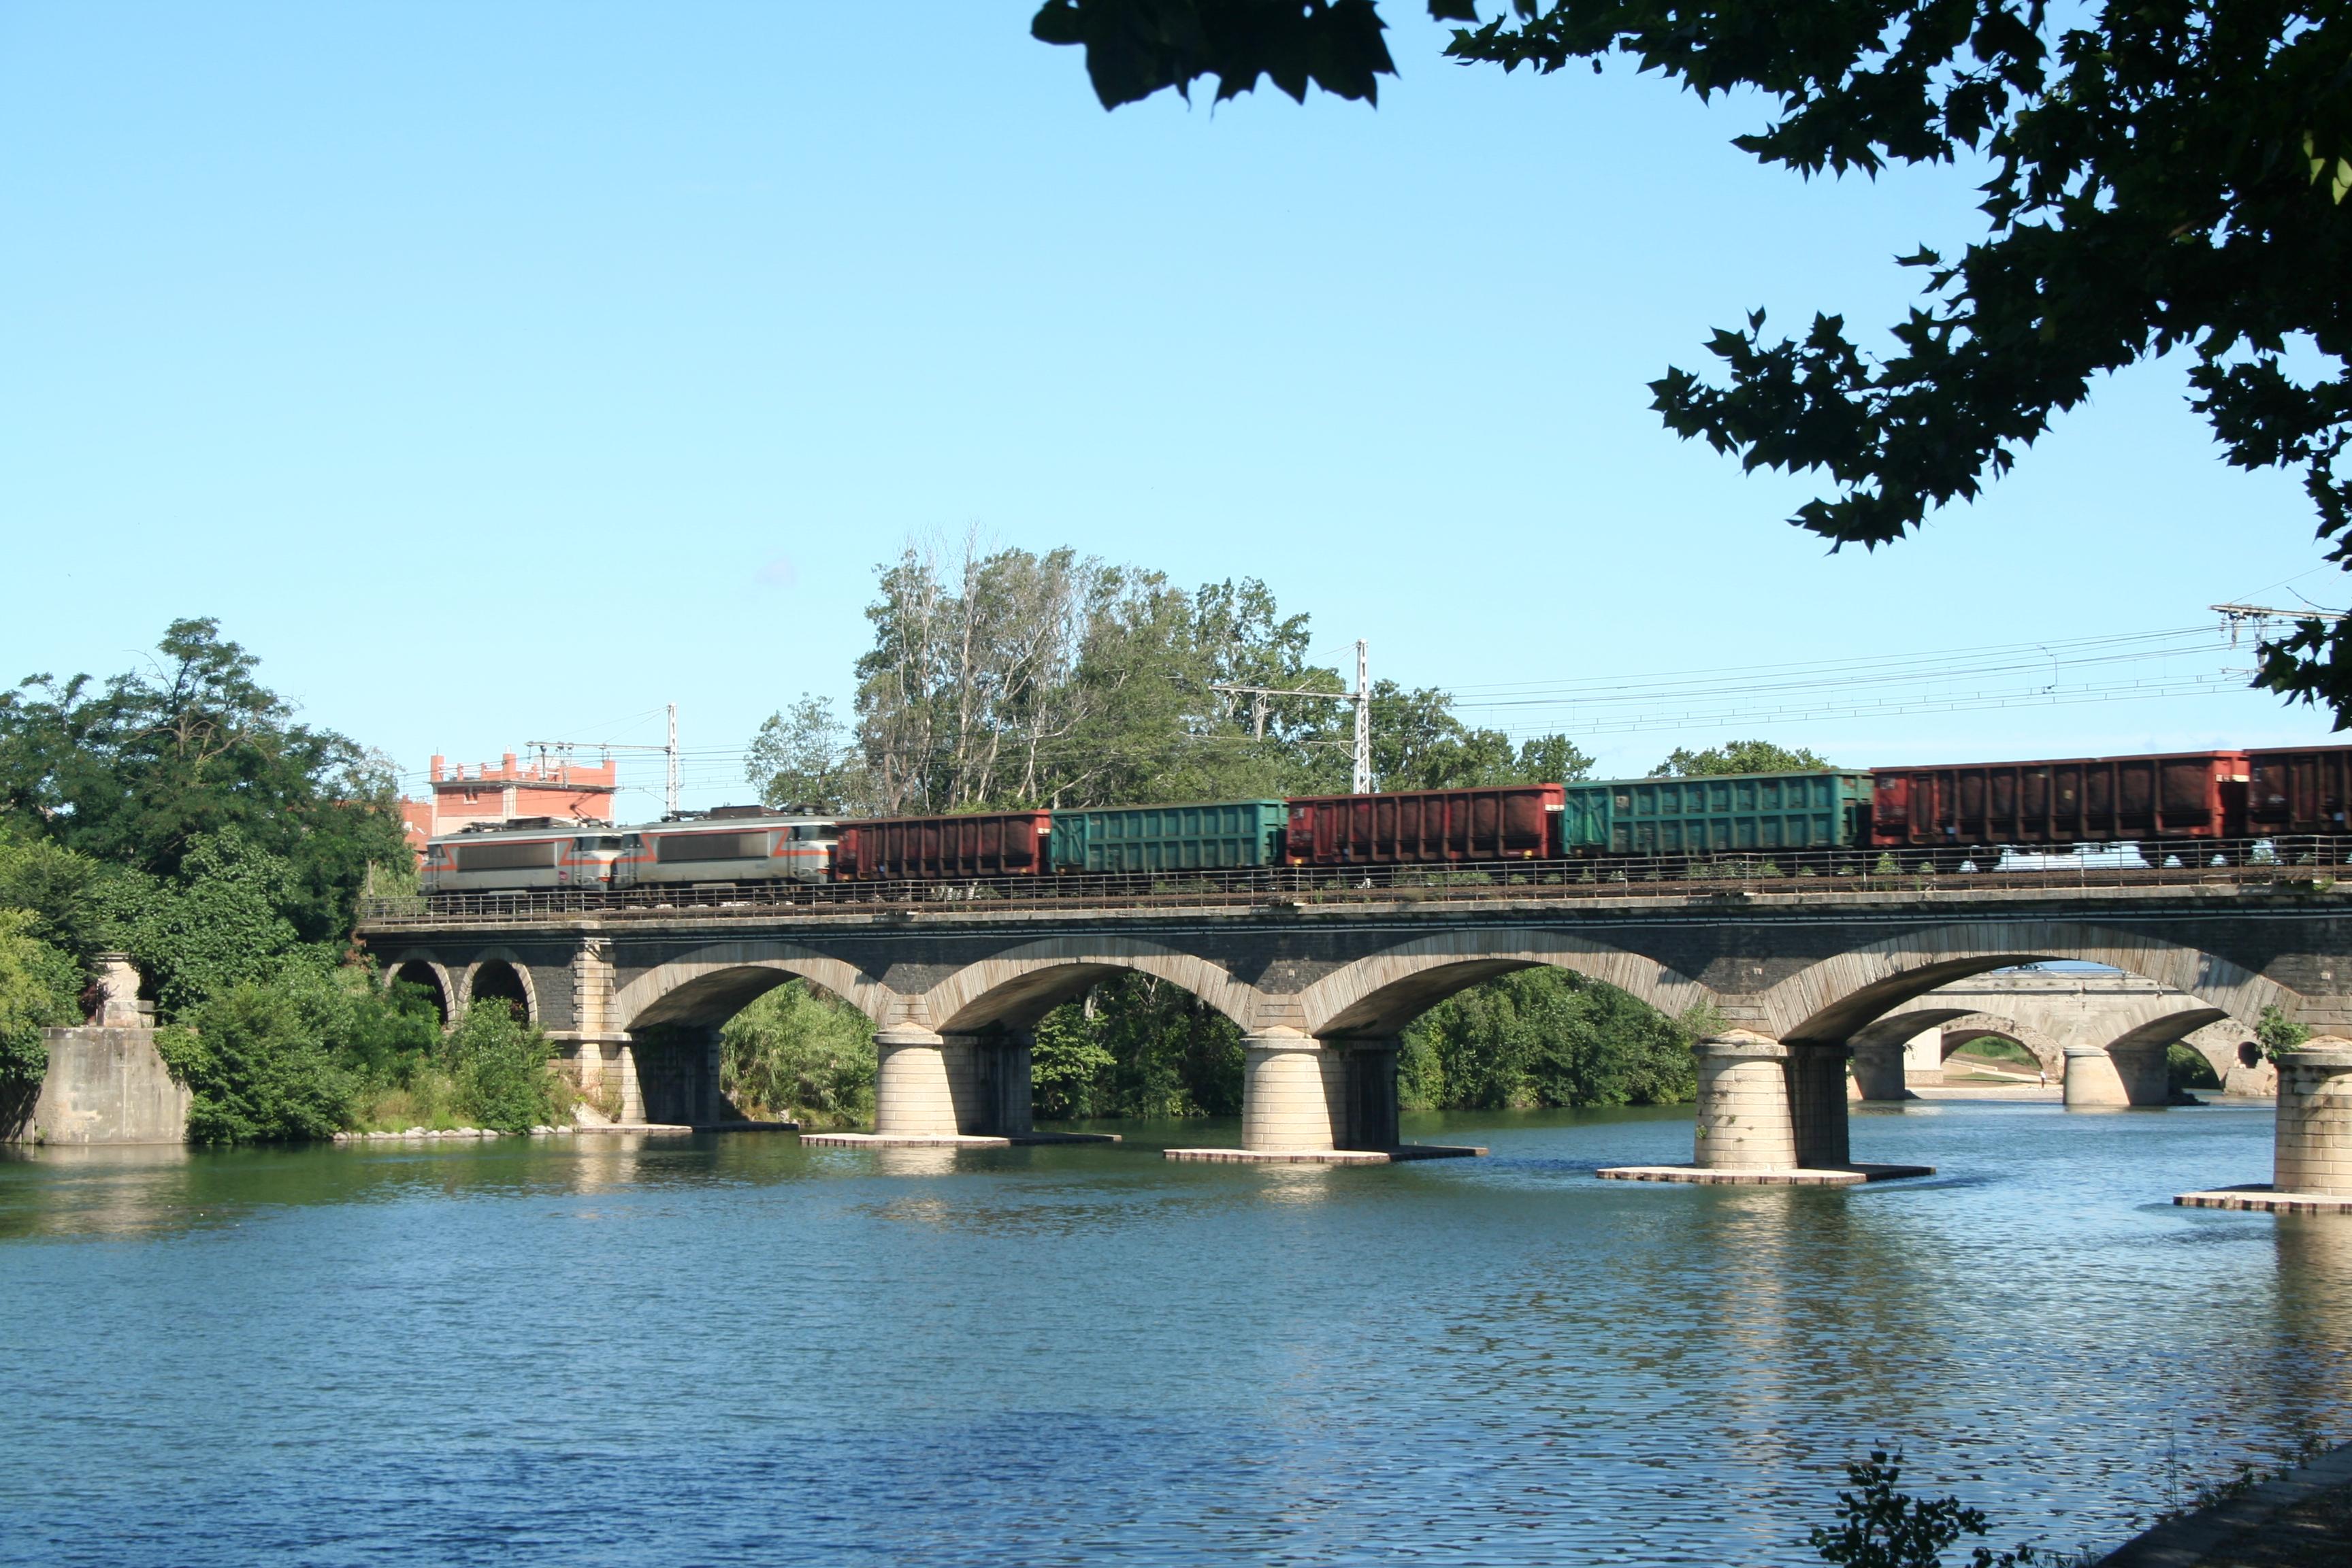 File beziers pont ferroviaire orb jpg wikimedia commons - Pont ferroviaire de bordeaux ...